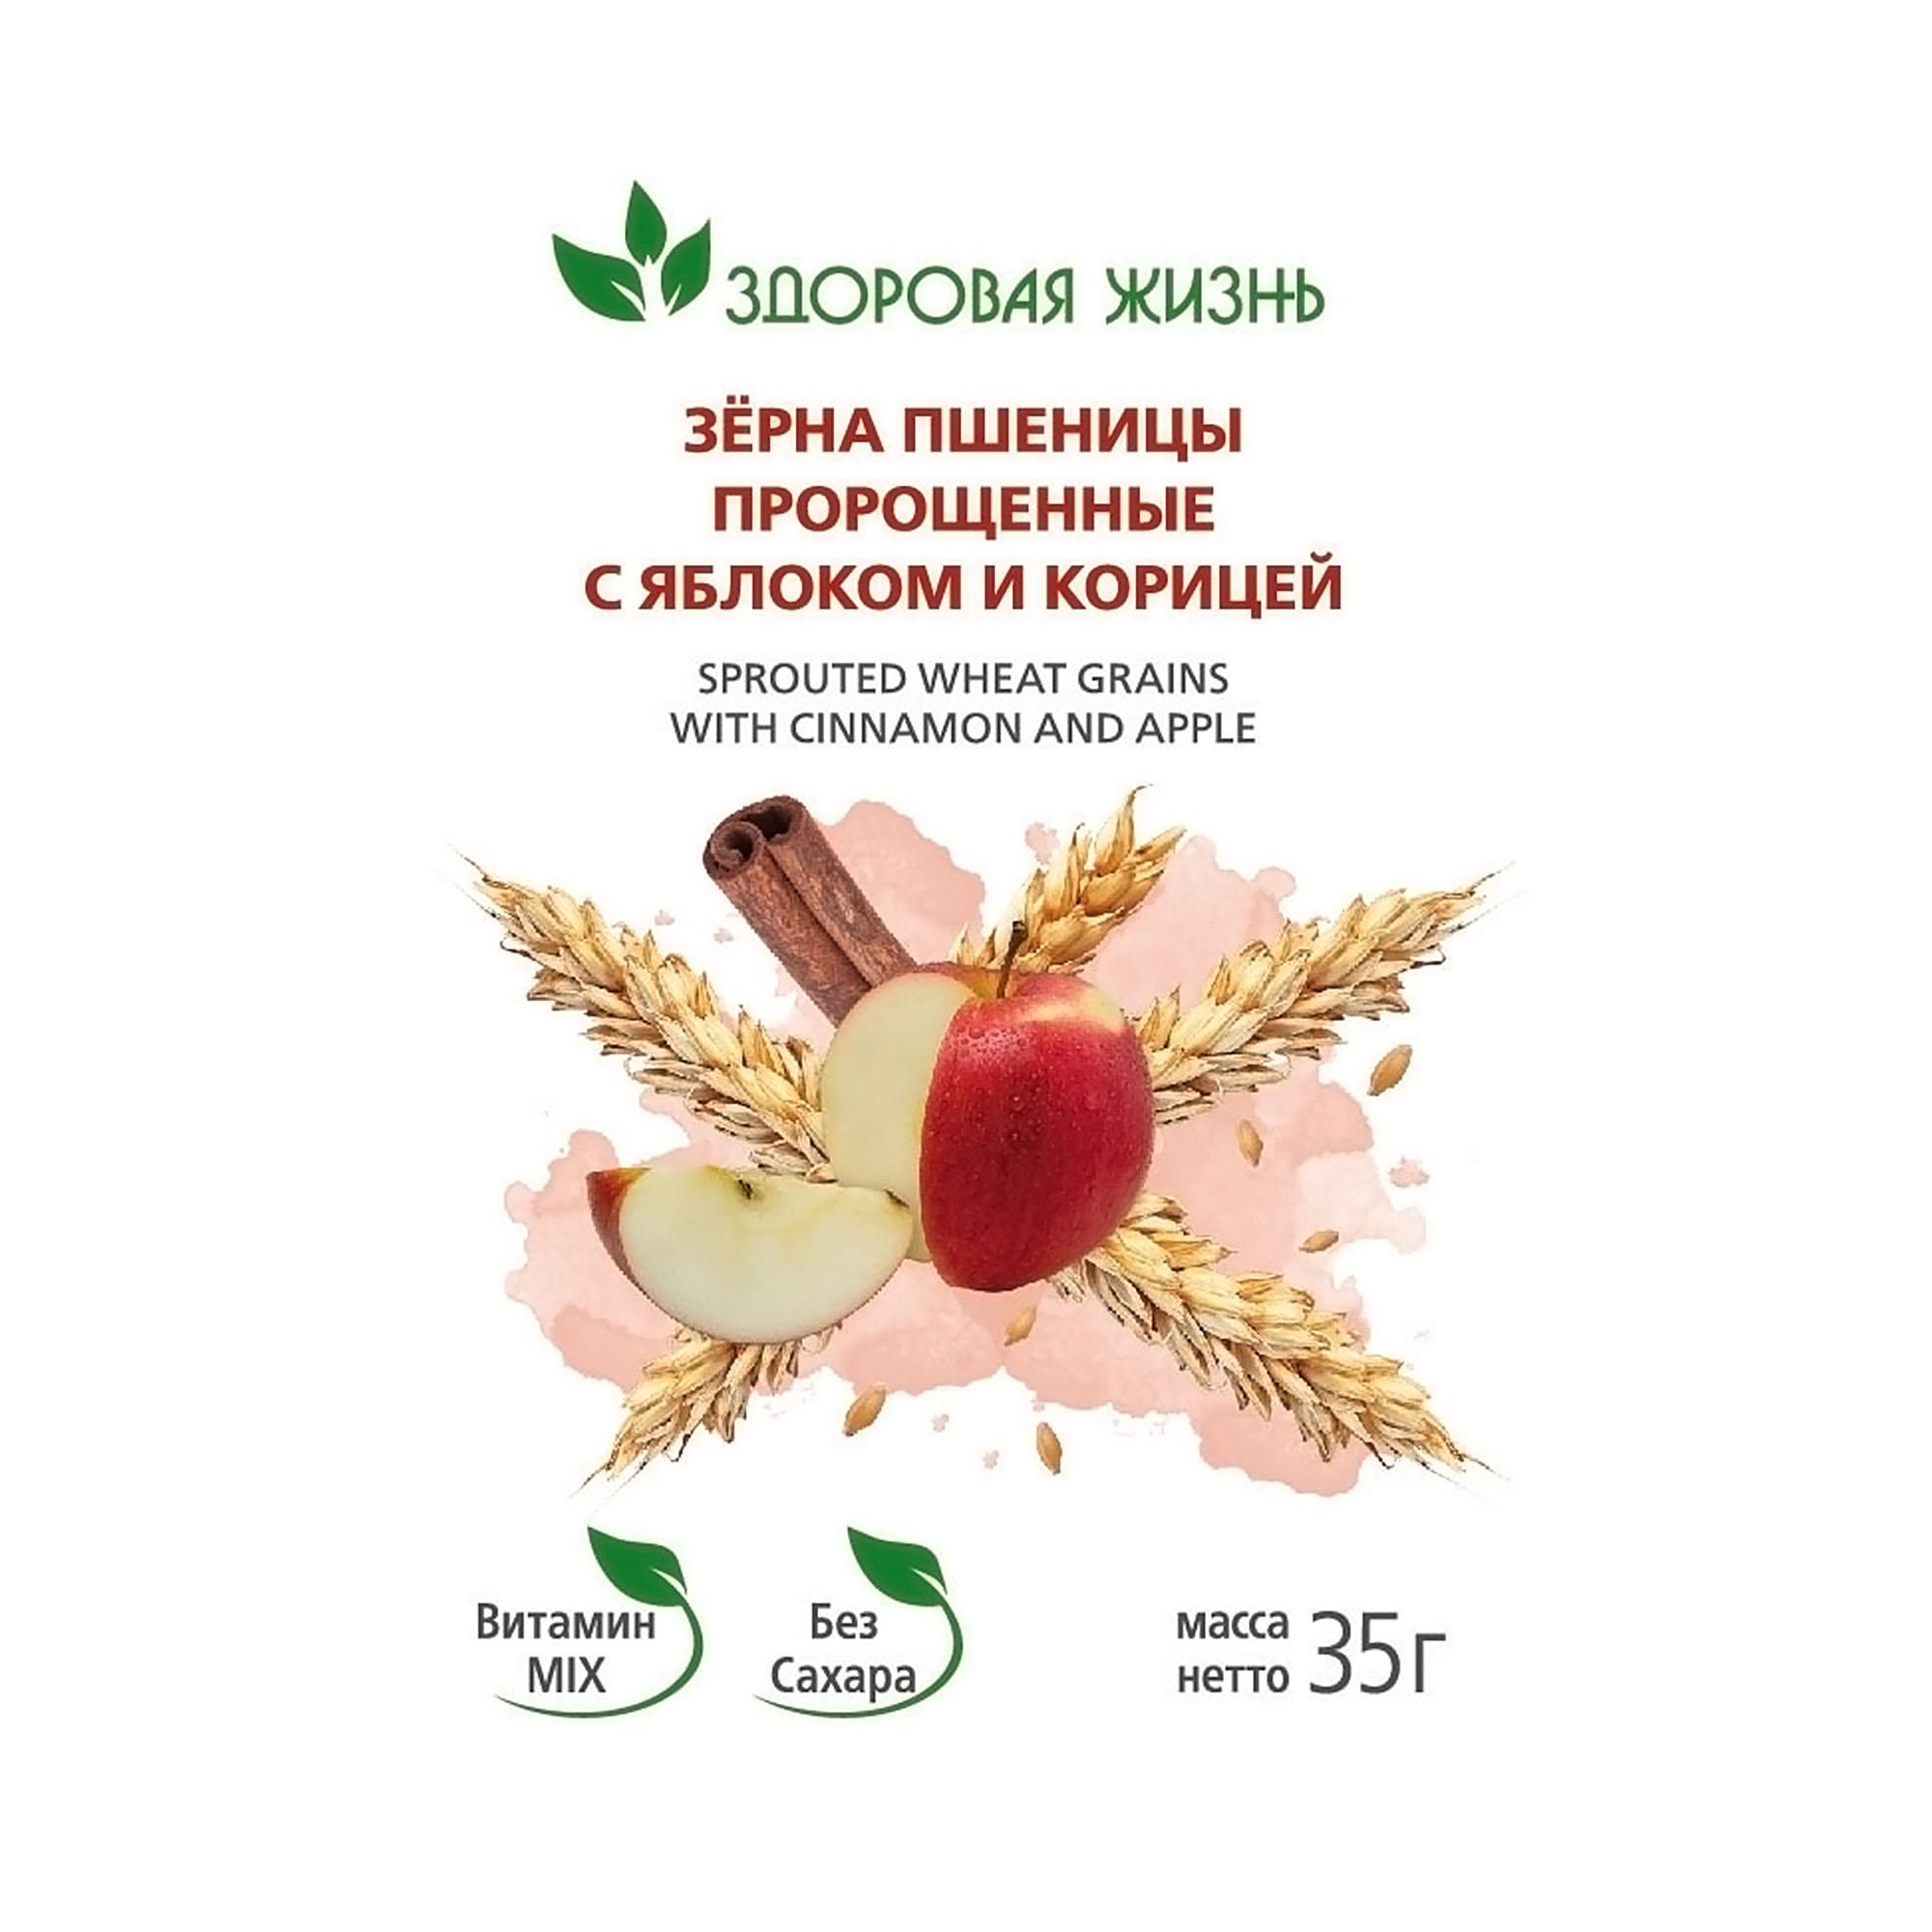 Зерна пшеницы пророщенные Здоровая Жизнь яблоко, корица, 35 г